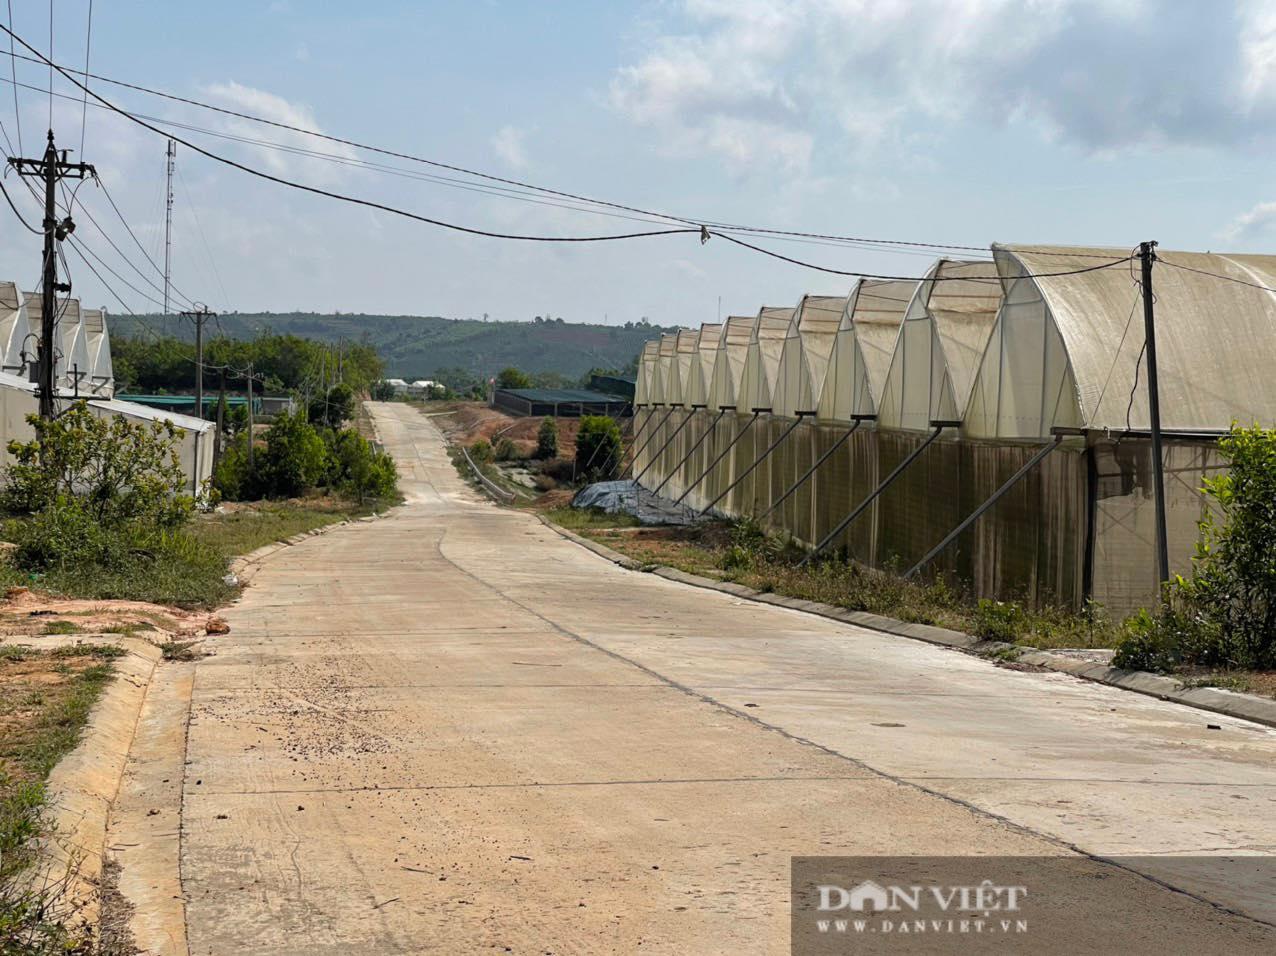 Đắk Nông: Thanh tra 2 dự án do Ban QLDA các công trình NN&PTNT làm chủ đầu tư - Ảnh 2.